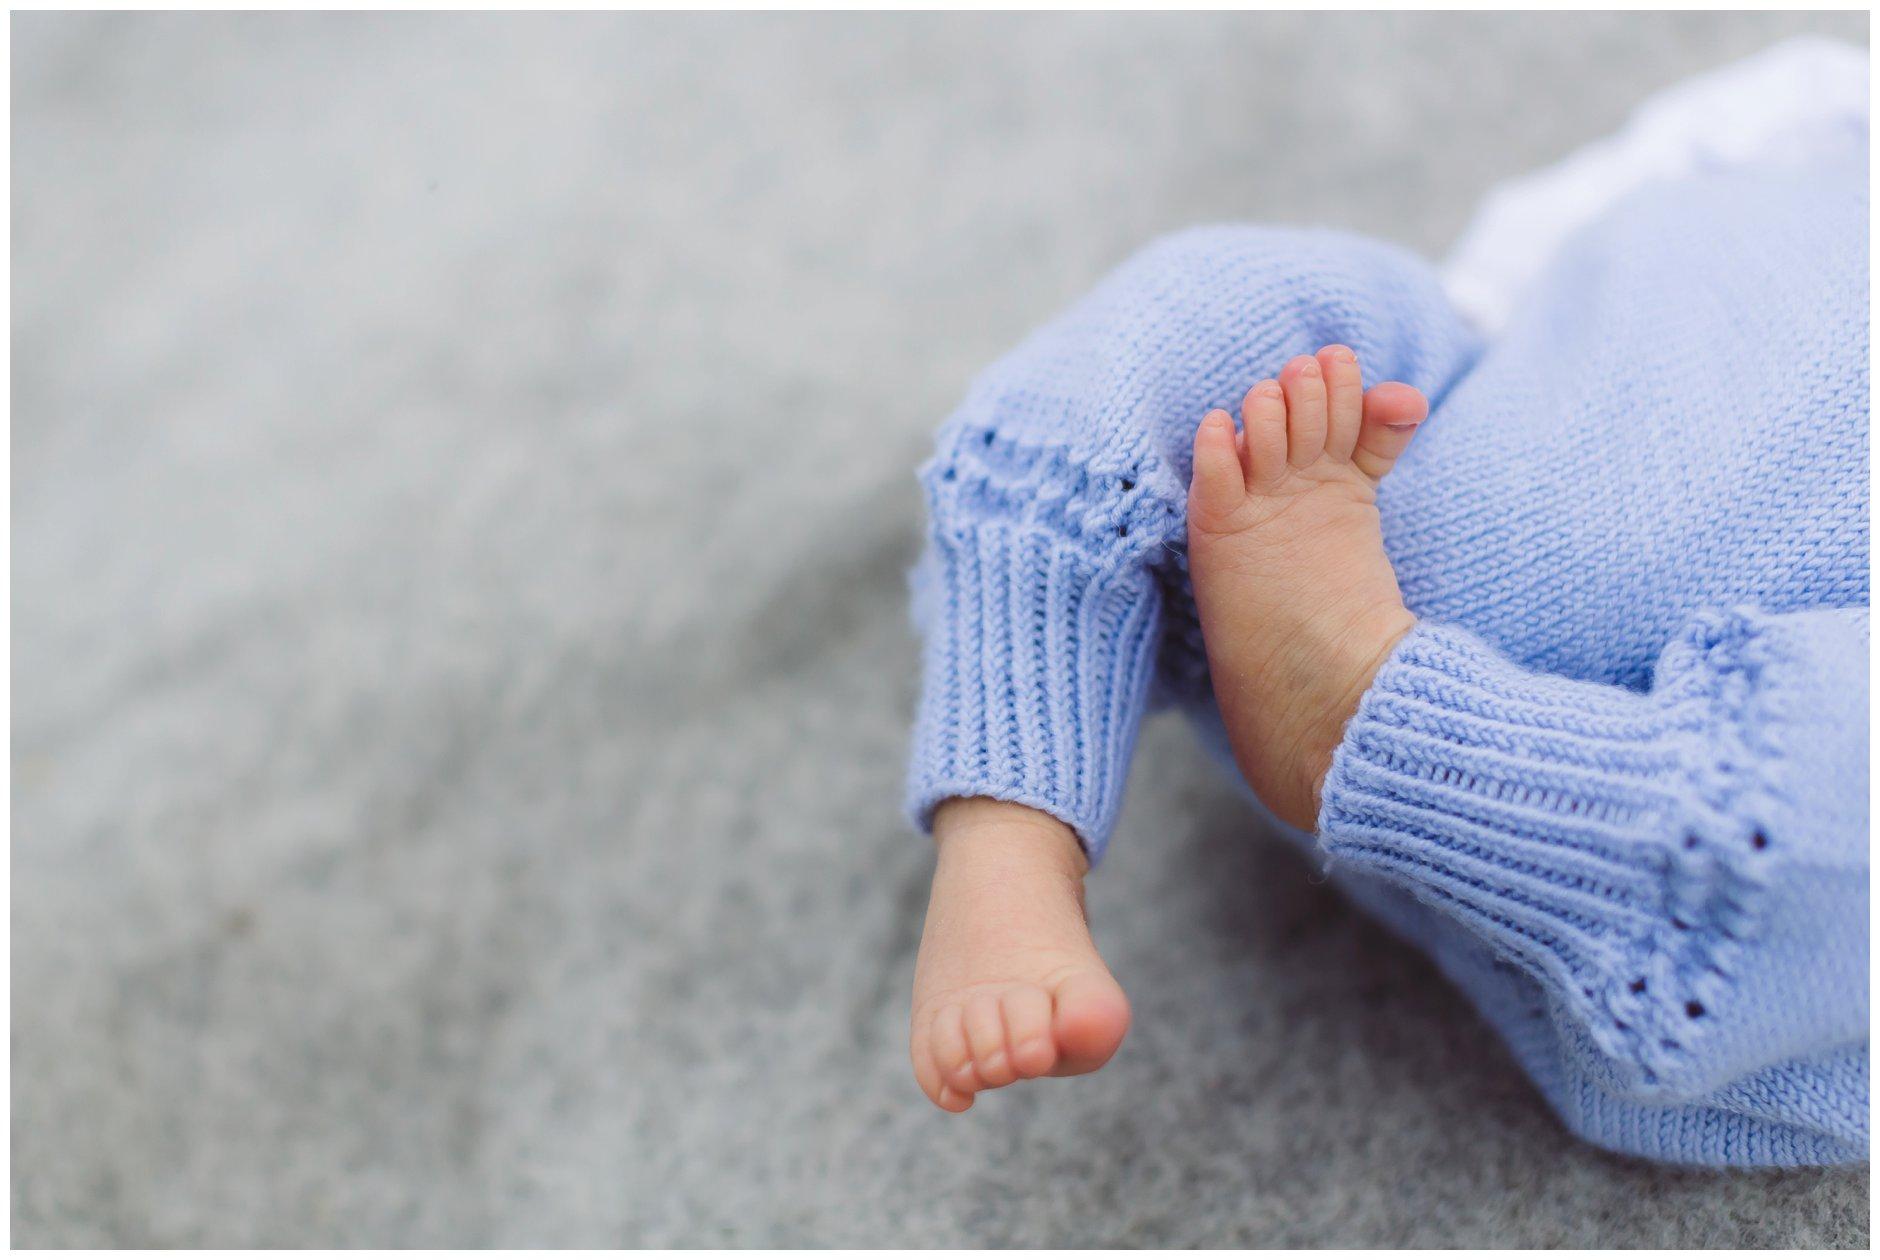 Utendørs nyfødtfotografering babyføtter